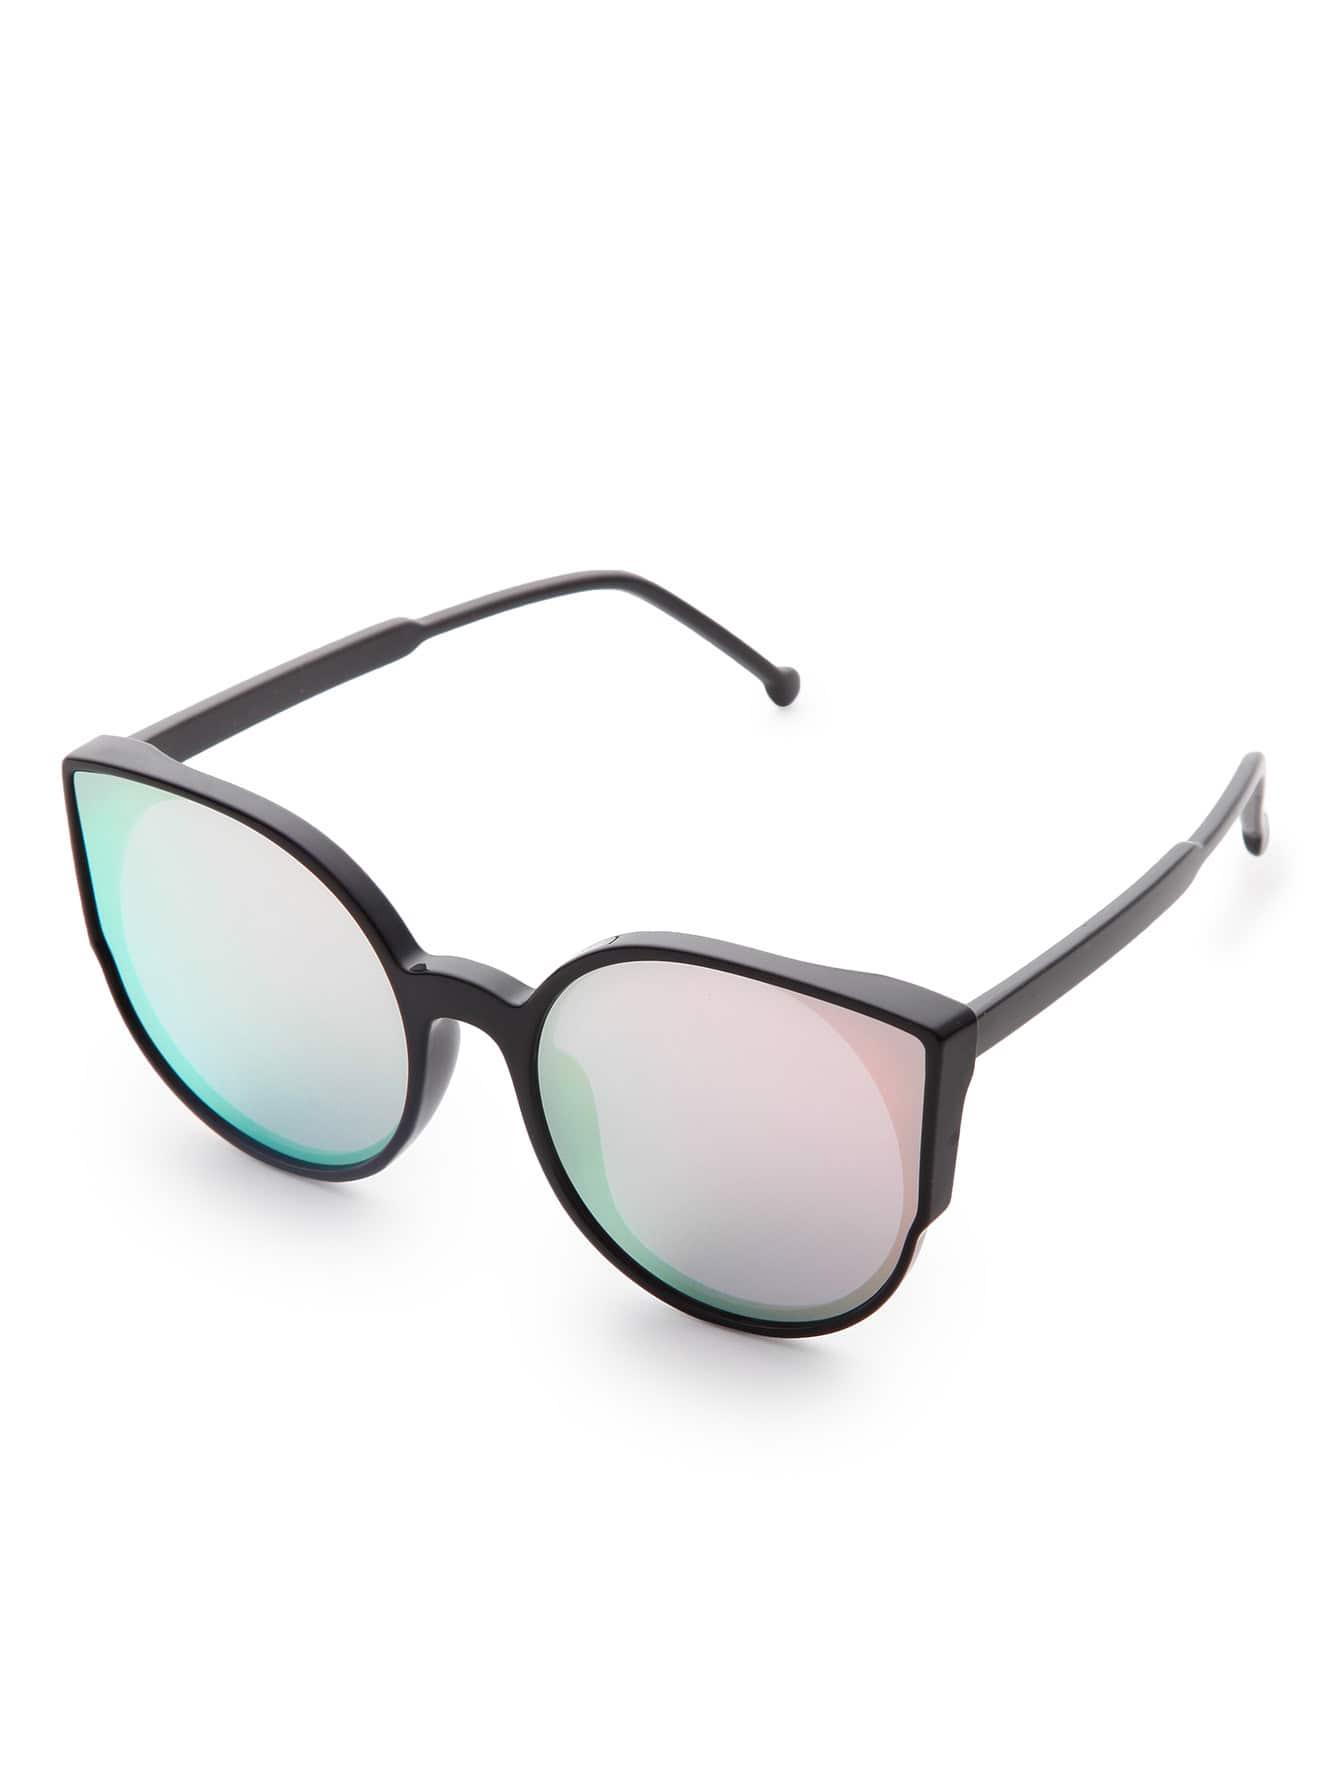 Black Frame Mirror Lens Sunglasses